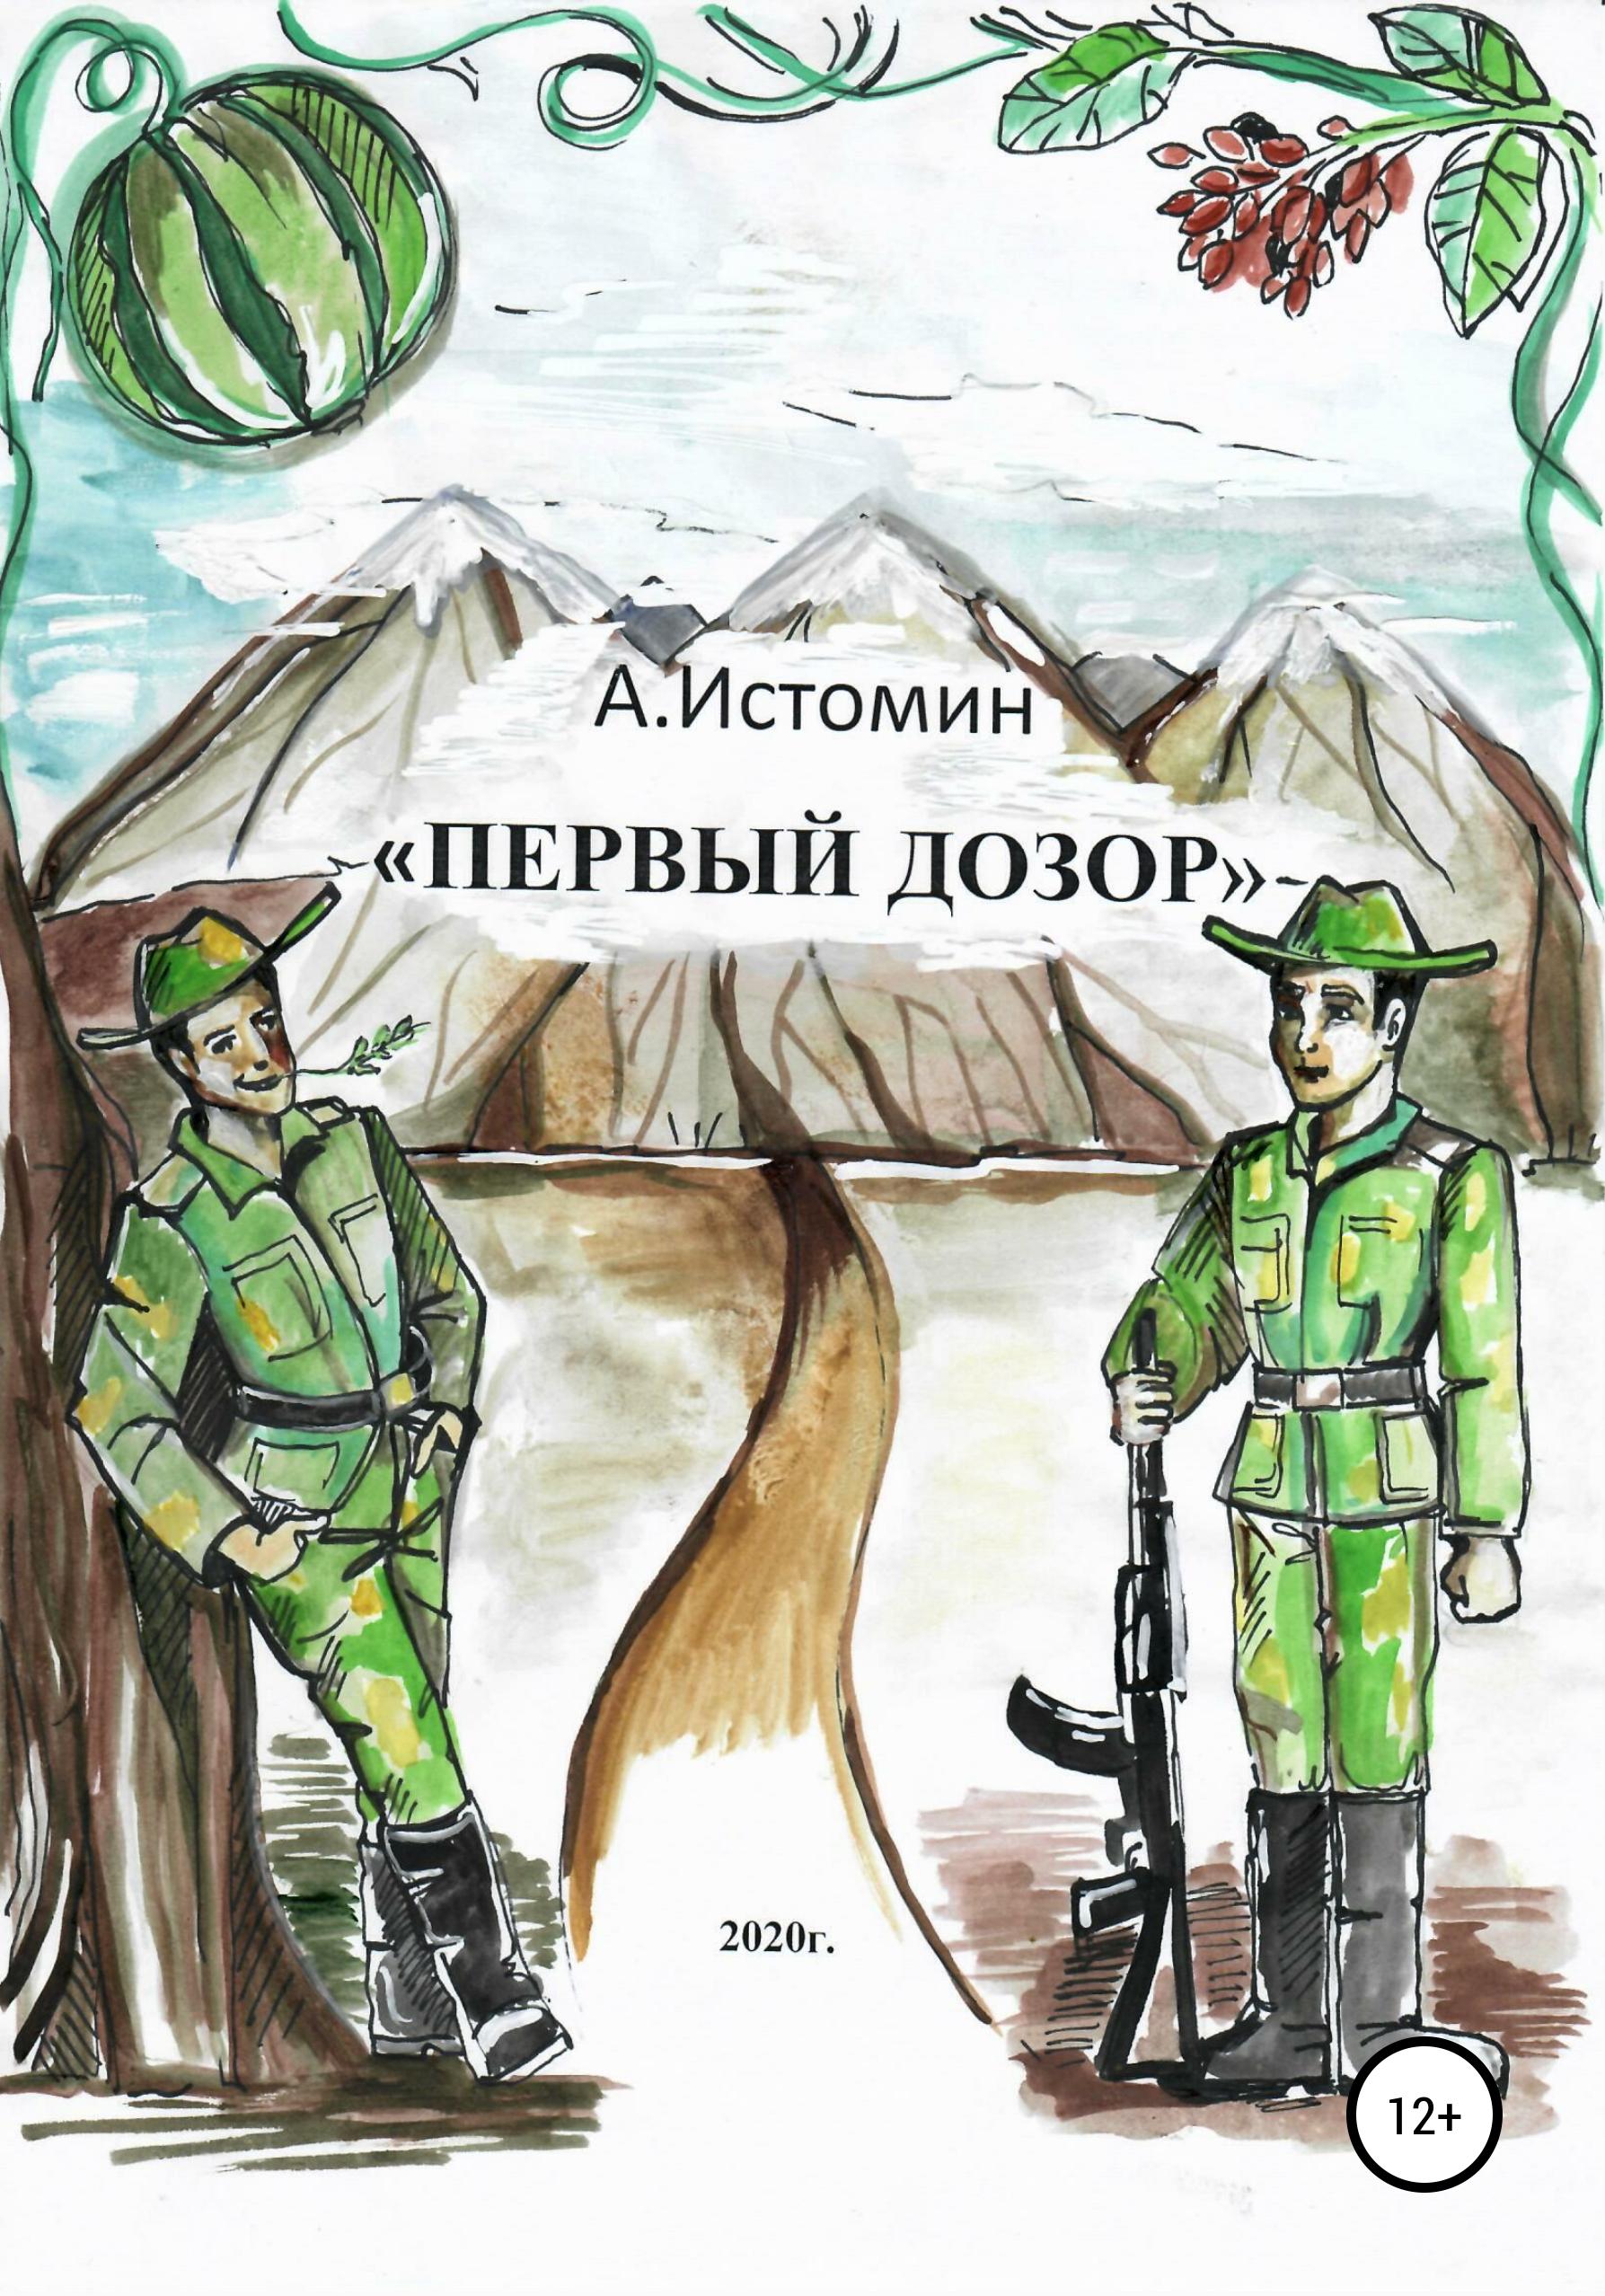 Андрей Истомин - Первый дозор